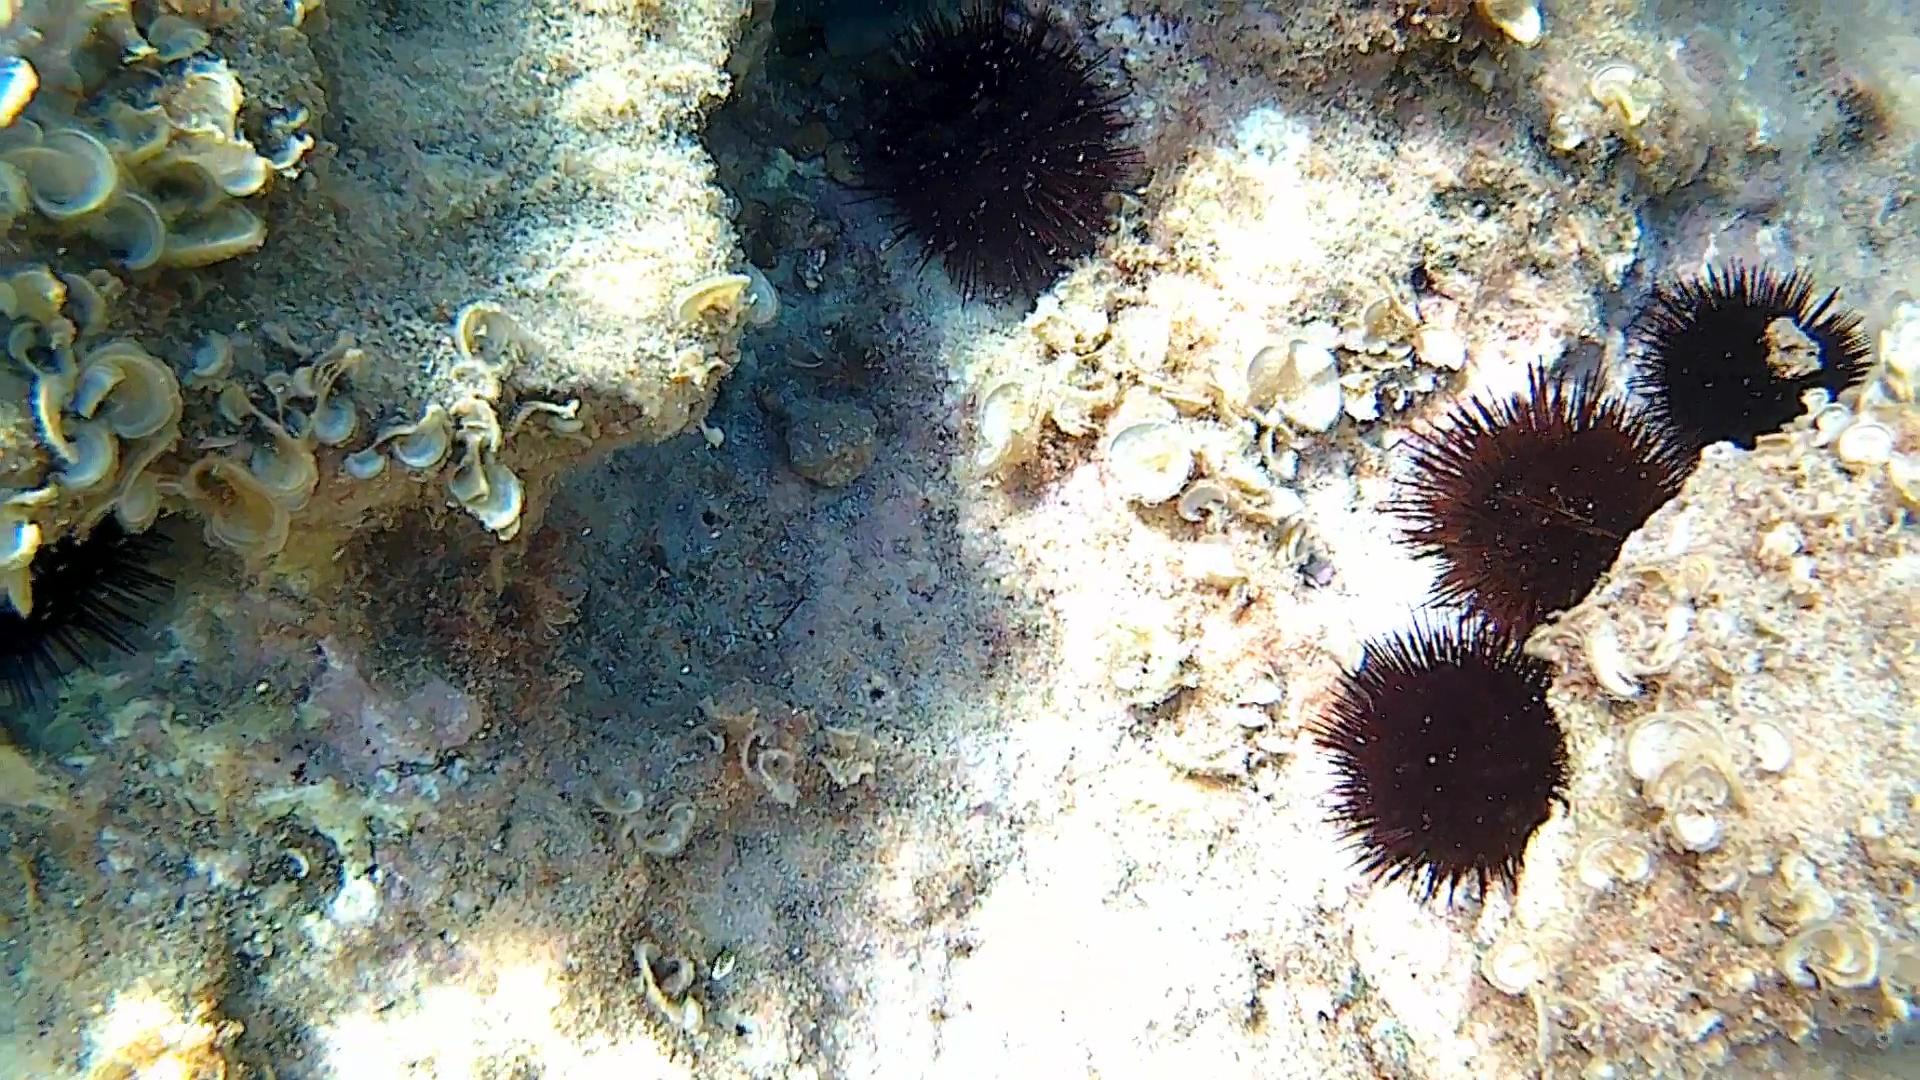 Paracentrotus lividus - Riccio di Mare - Sea Urchin - intotheblue.it